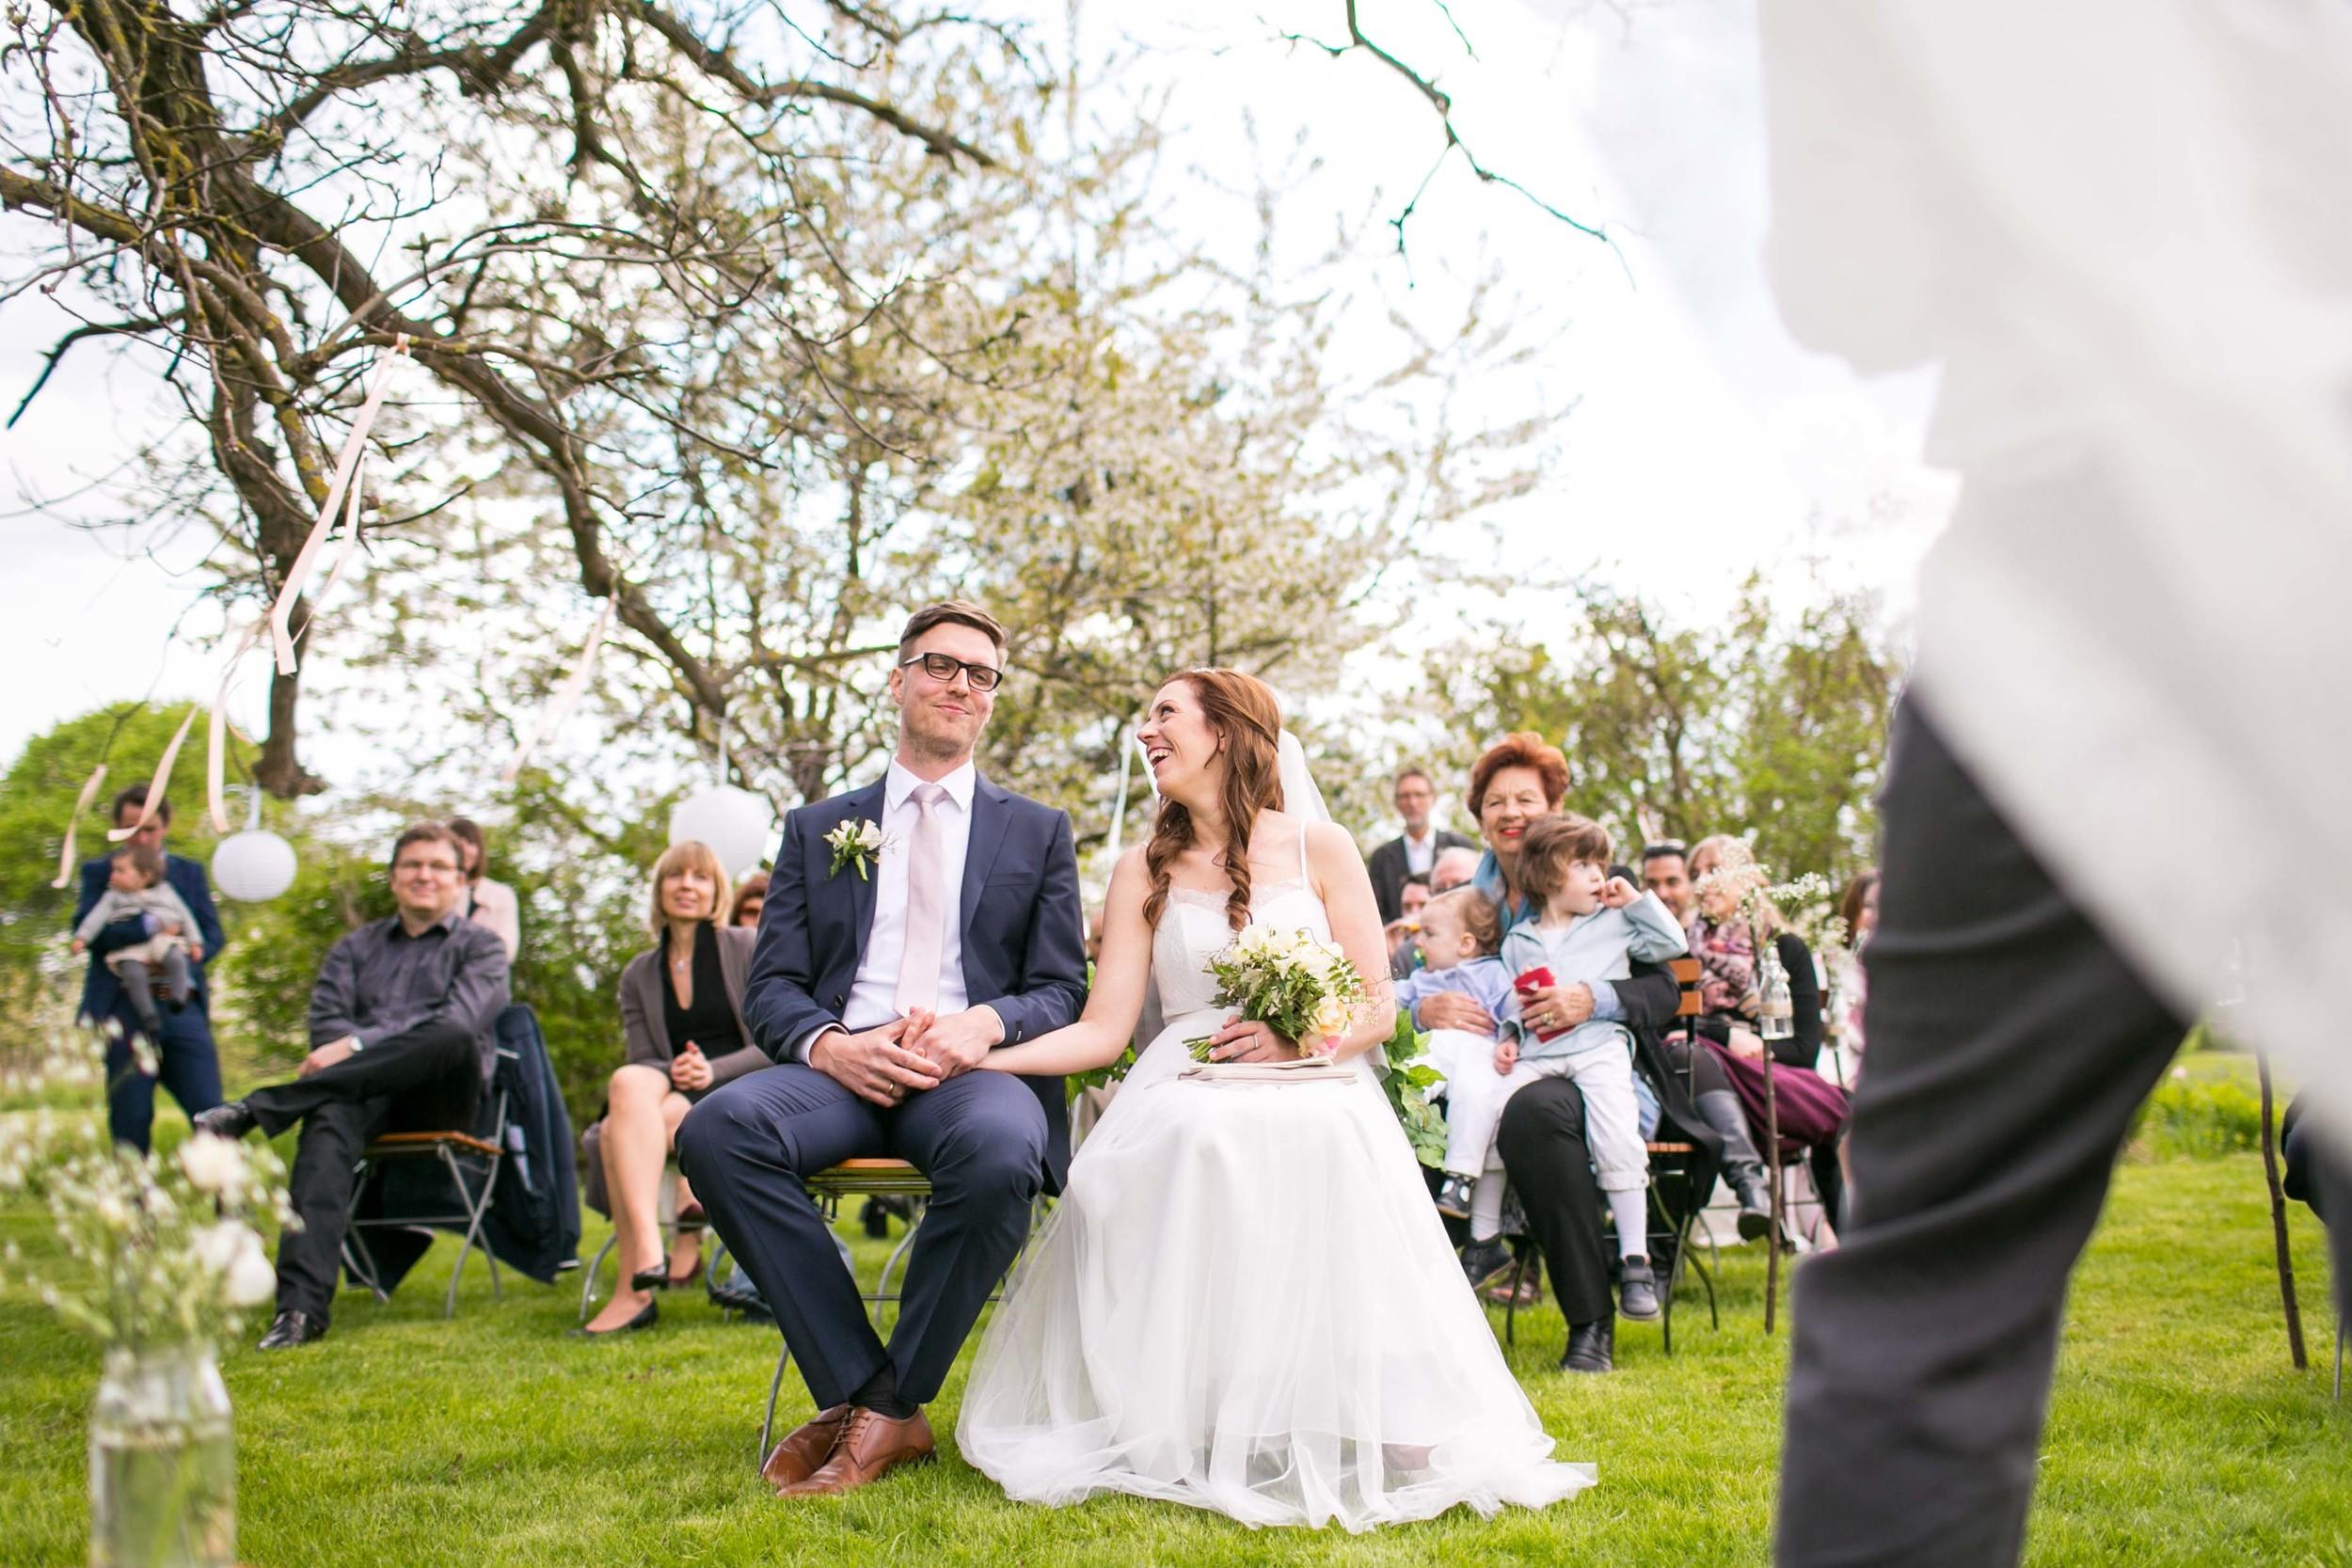 Berlin Hochzeitsfotografin Gartenglueck Wegendorf Hochzeitsreportage-48.jpg